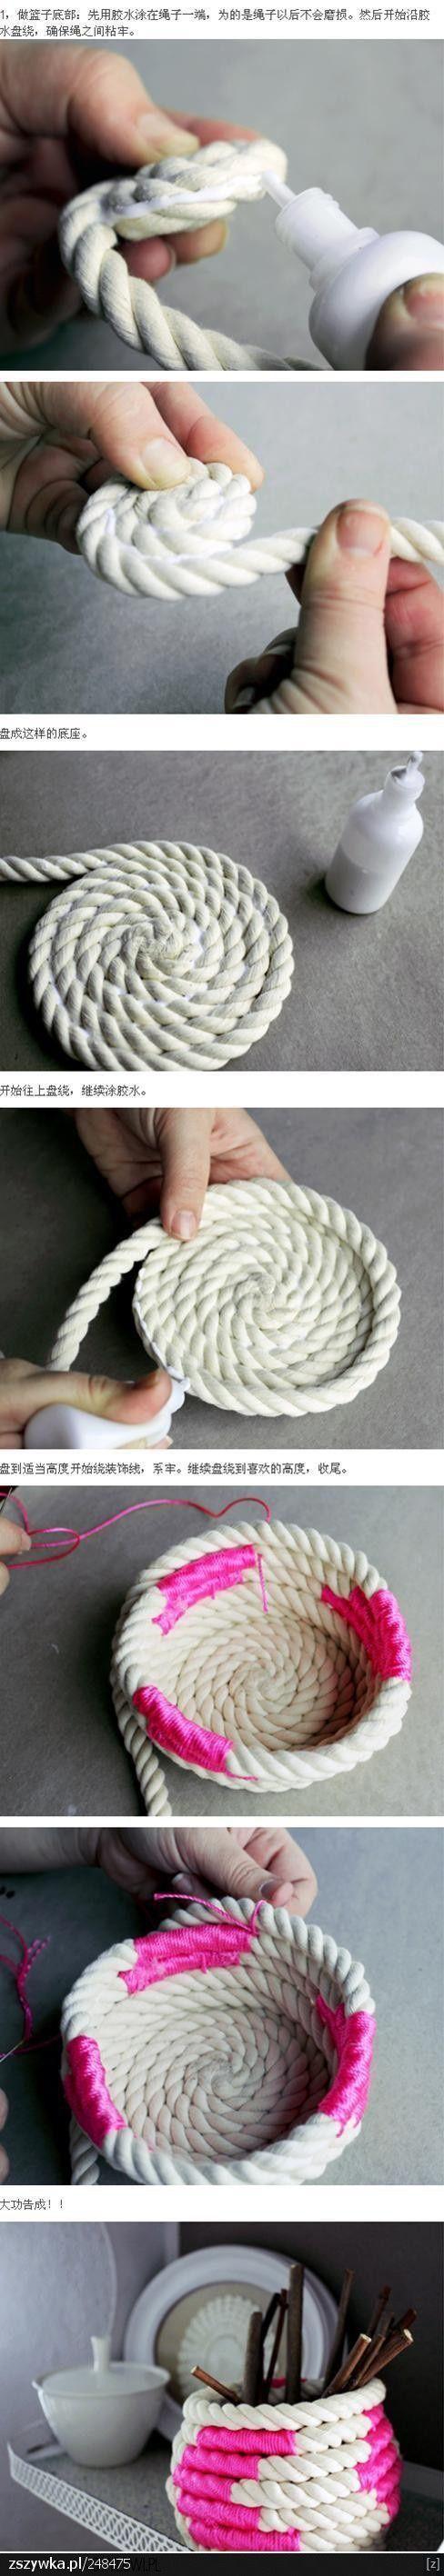 มาแบ่งปันภาพ และไอเดีย การ DIY ของตกแต่งบ้านกันค่ะ (รูปเยอะ) - Pantip